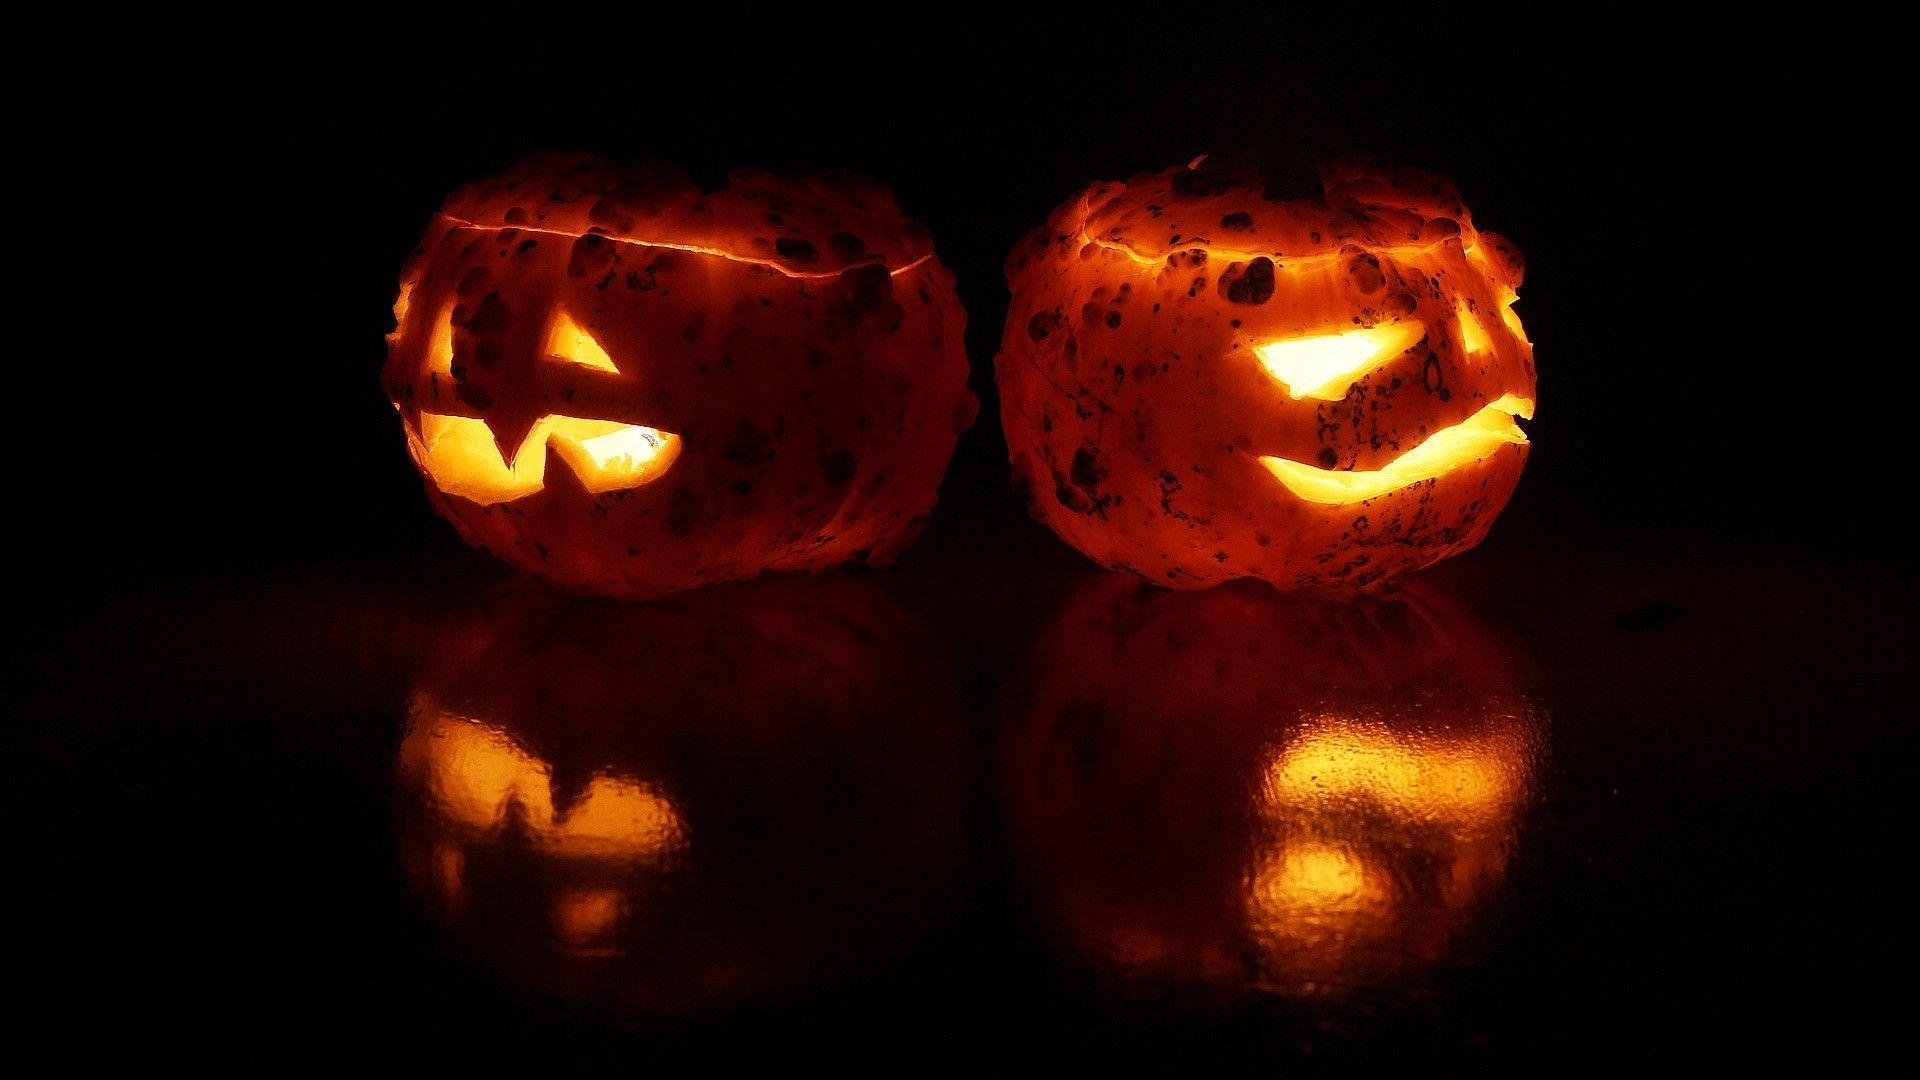 halloween pictures wallpaper pumpkin - photo #21